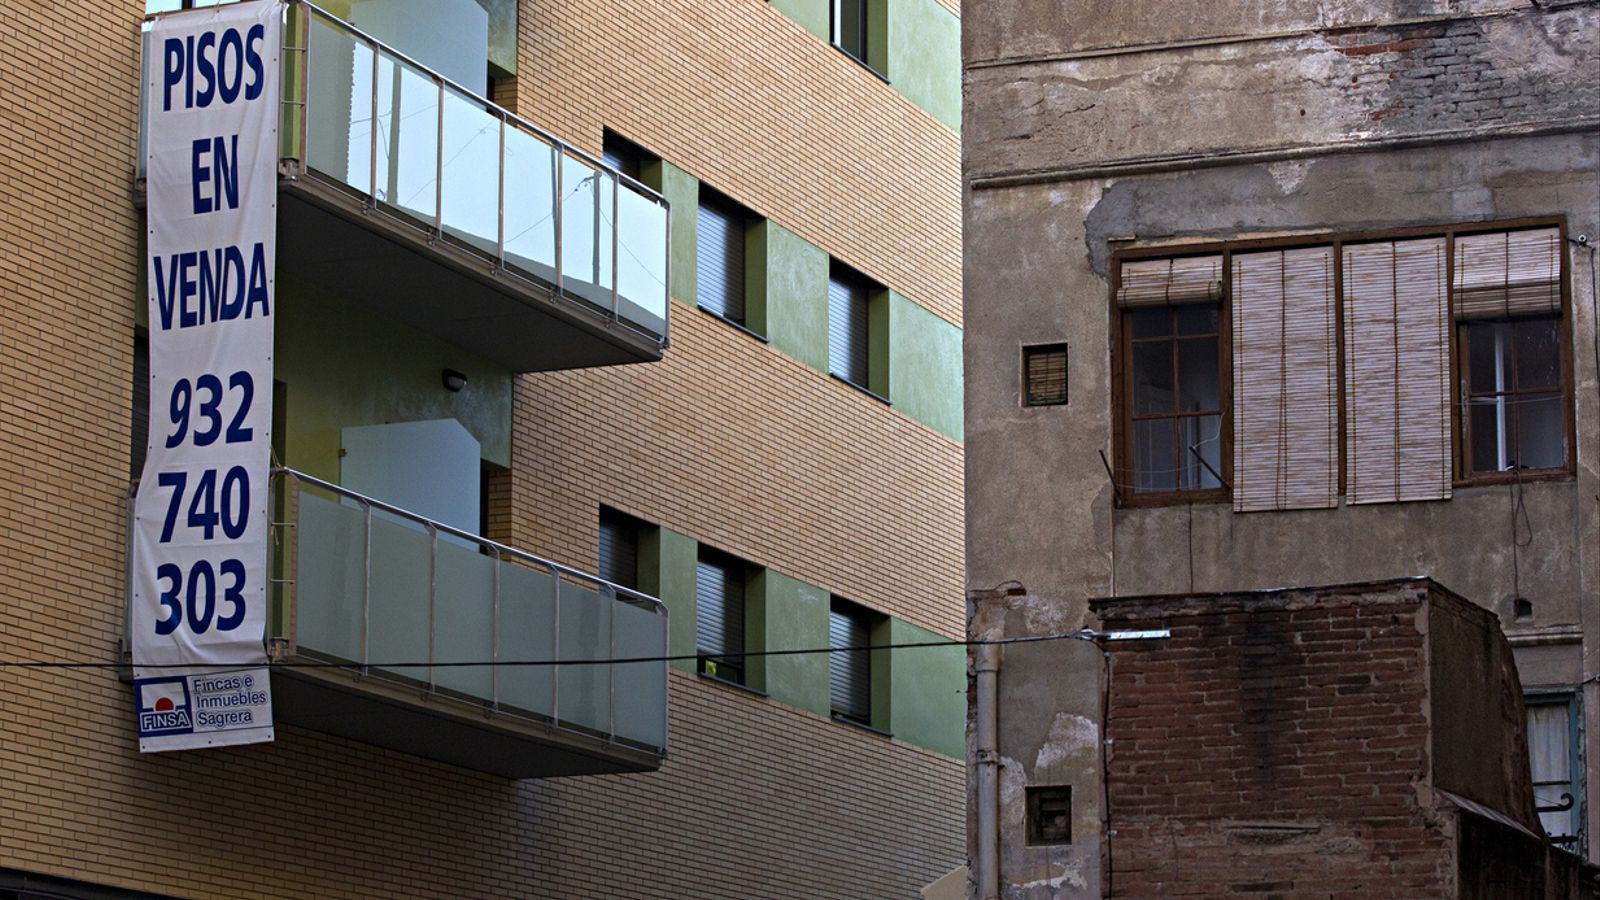 L'augment dels preus de l'habitatge ha estat un dels causant de la pujada de l'IPC. / ARA BALEARS